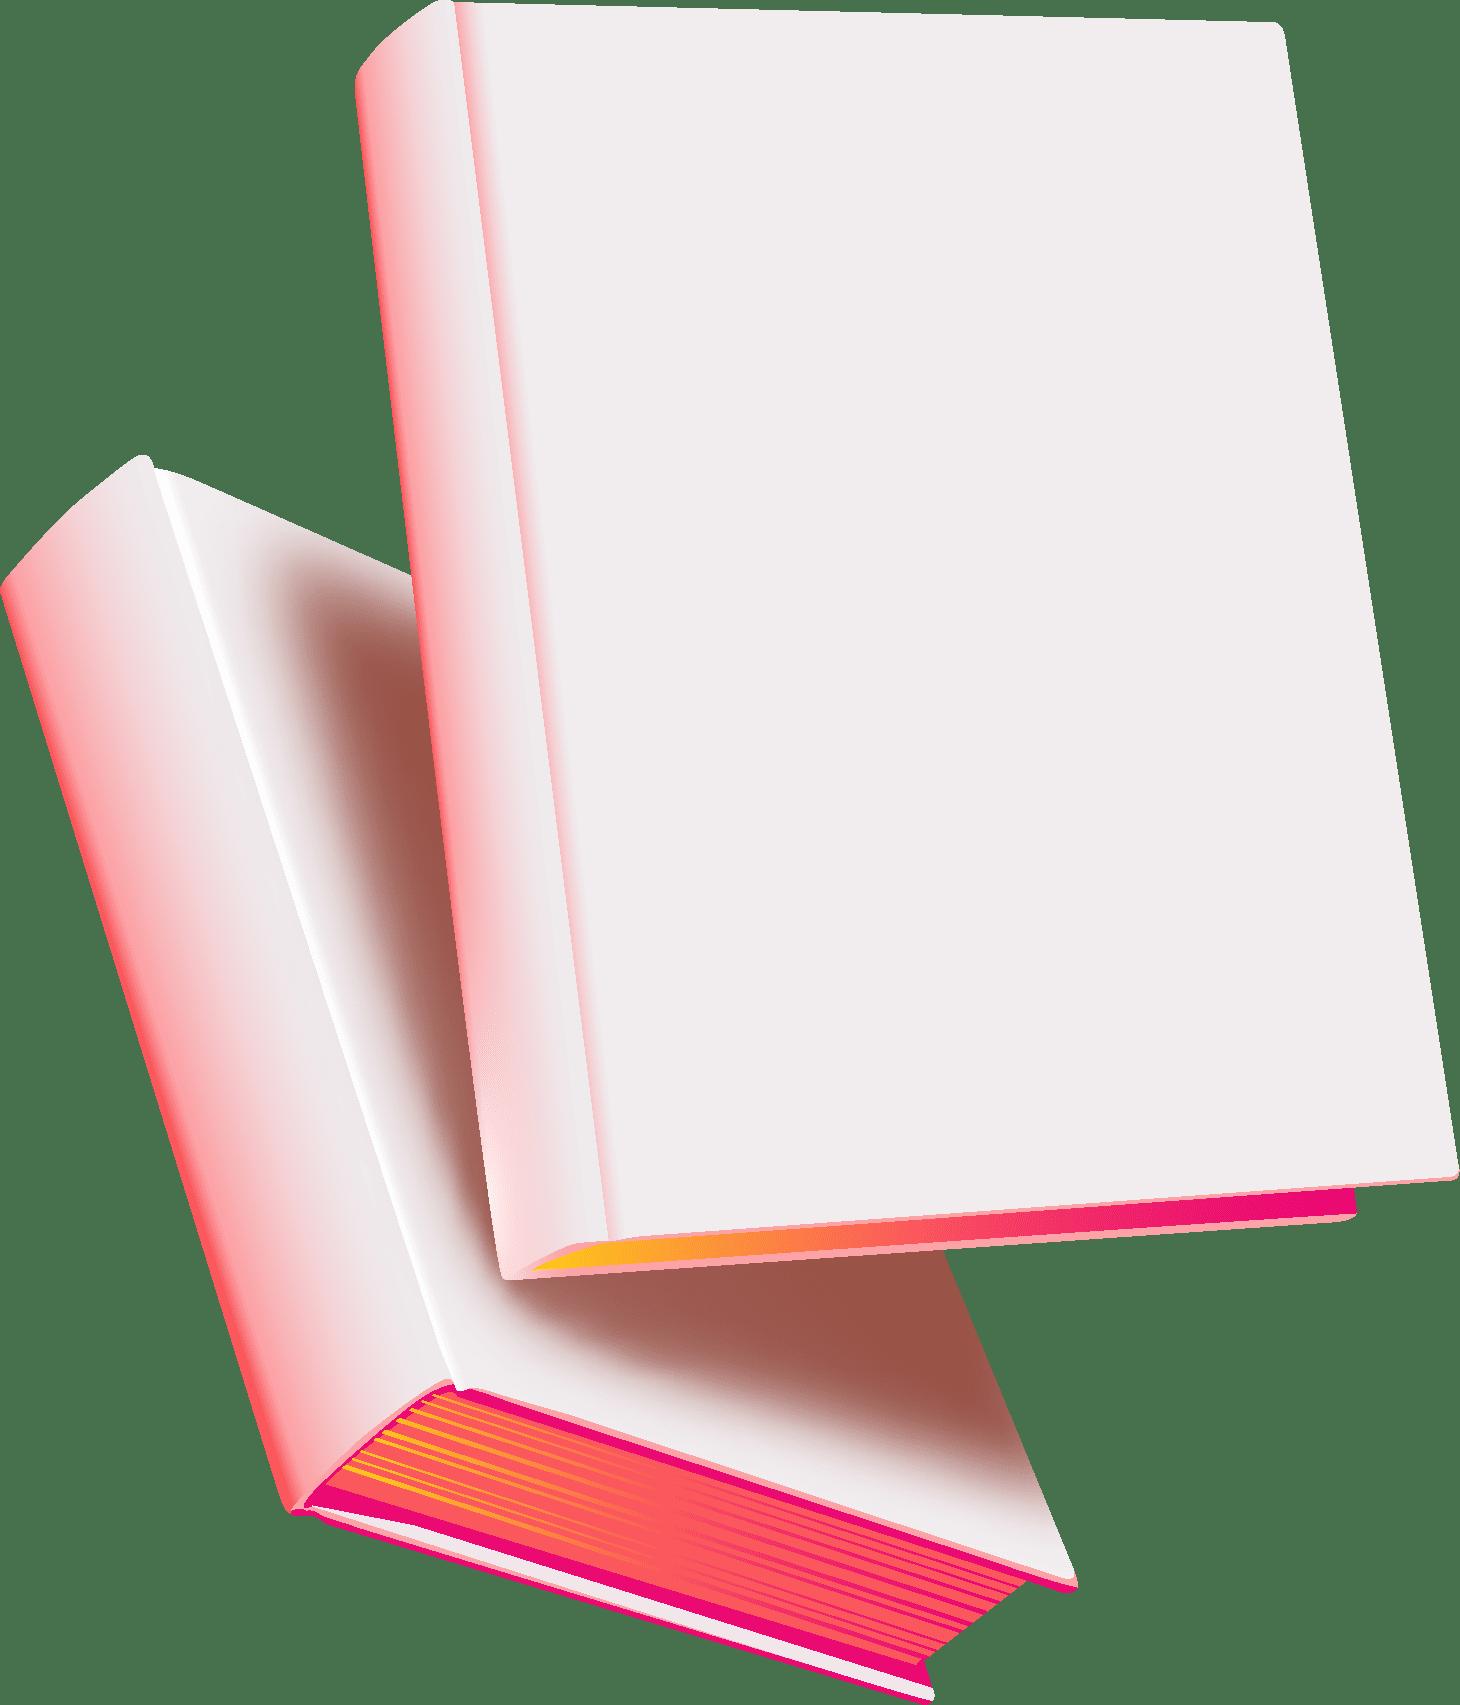 2 livres sans couverture en lévitation